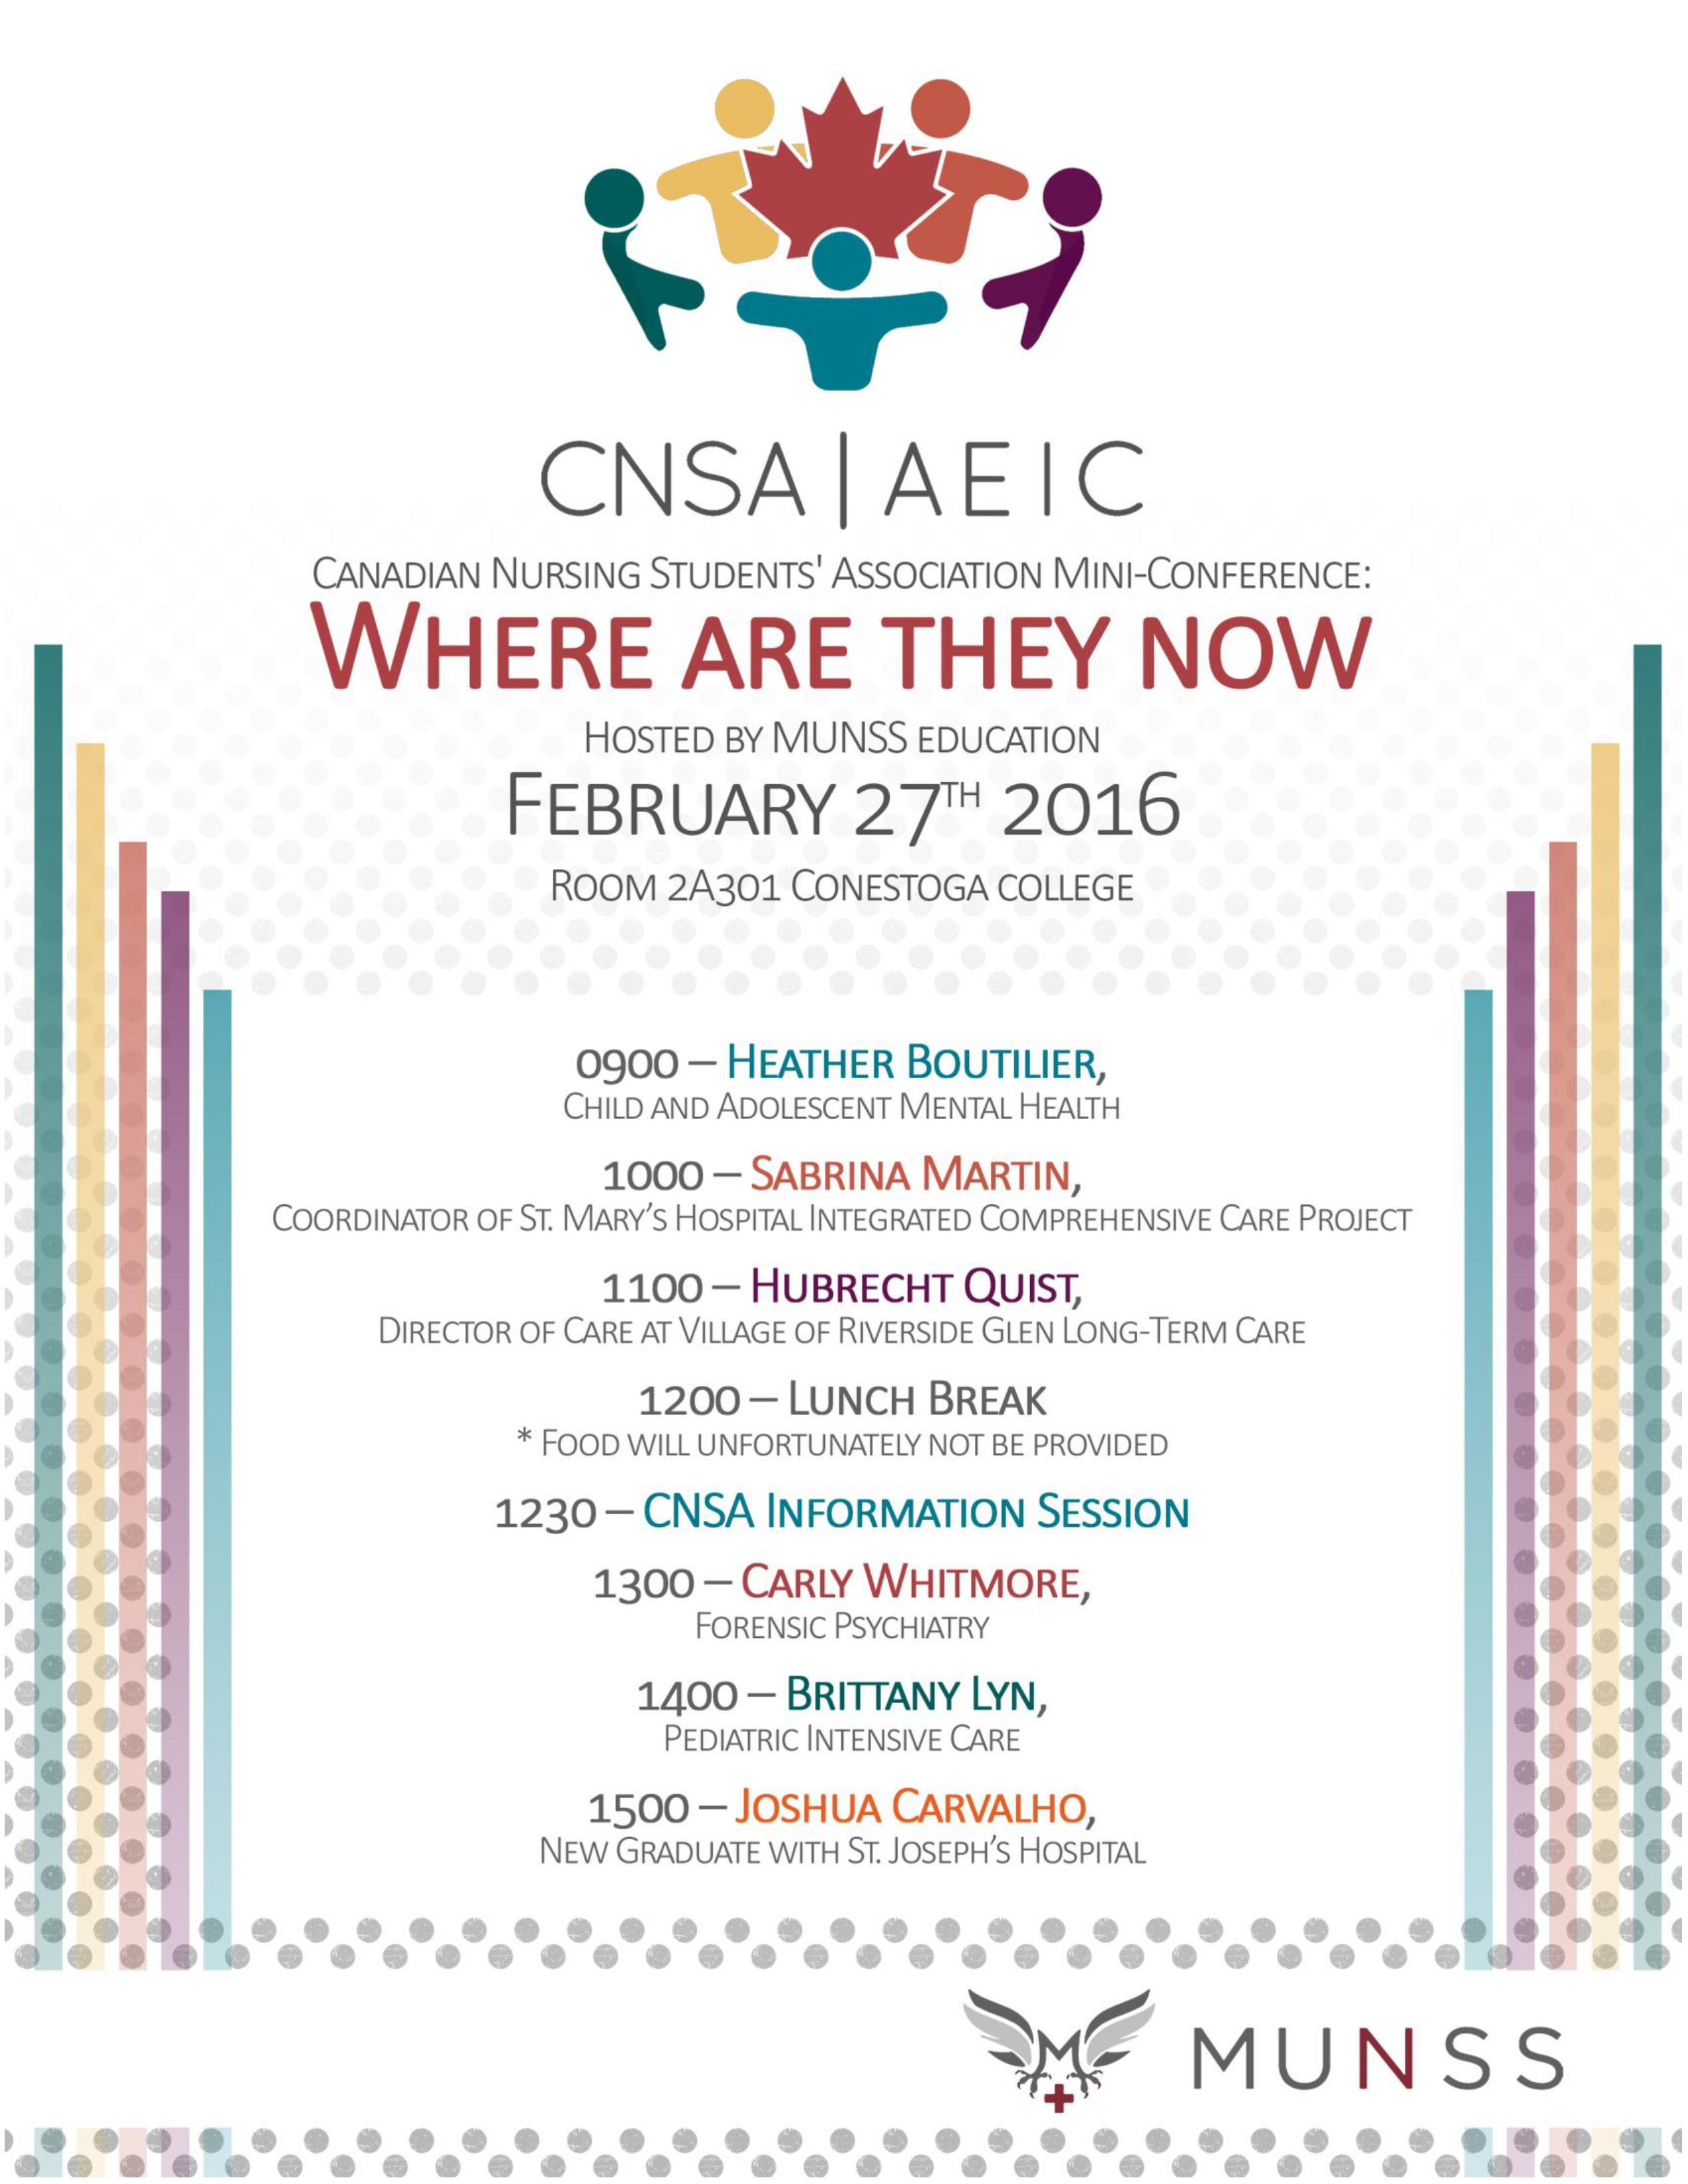 cnsa mini conference